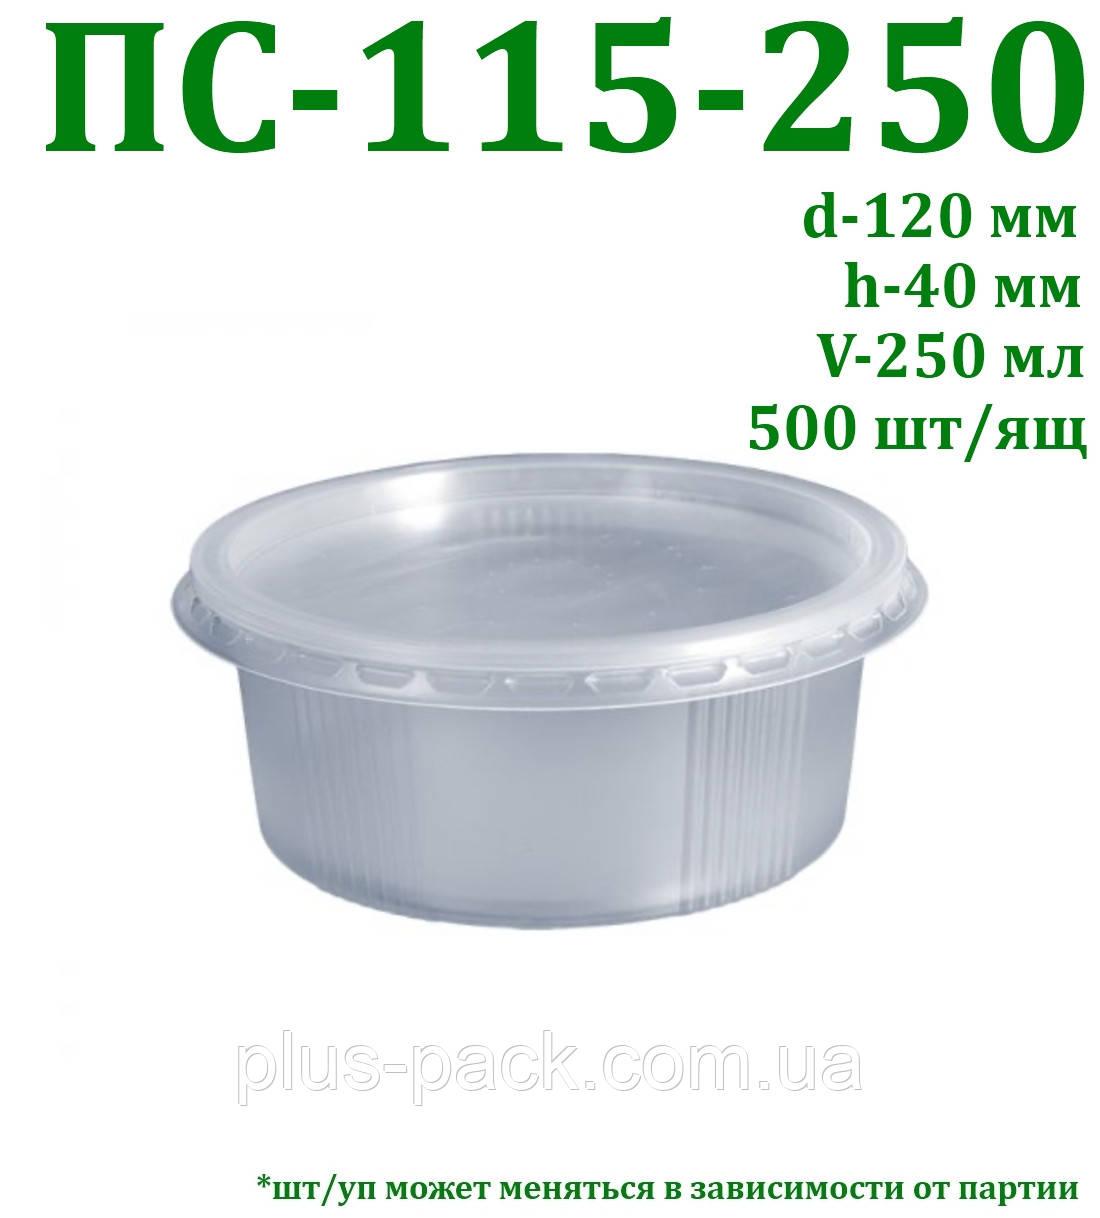 Одноразовая упаковка на 250 мл, 500шт/ящ